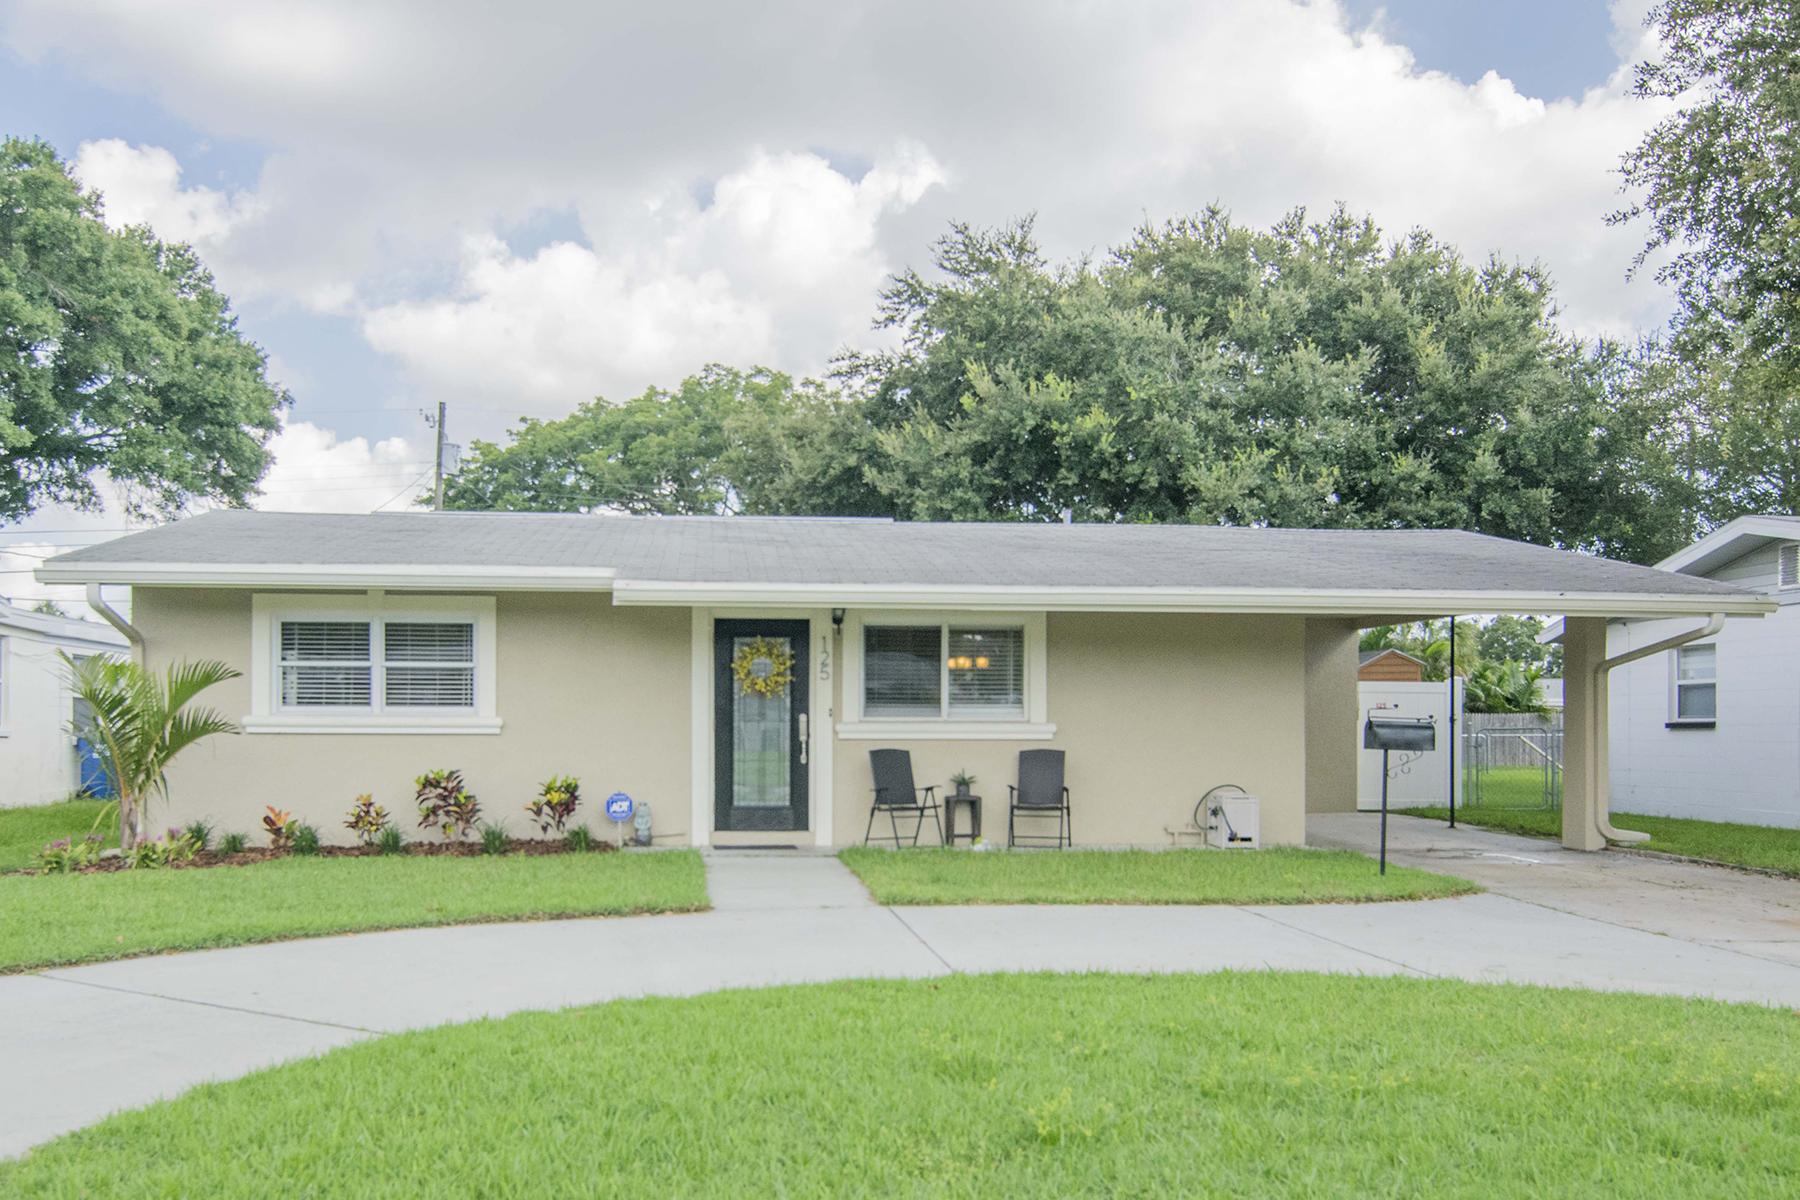 단독 가정 주택 용 매매 에 ST. PETERSBURG 125 43rd Ave NE St. Petersburg, 플로리다 33703 미국